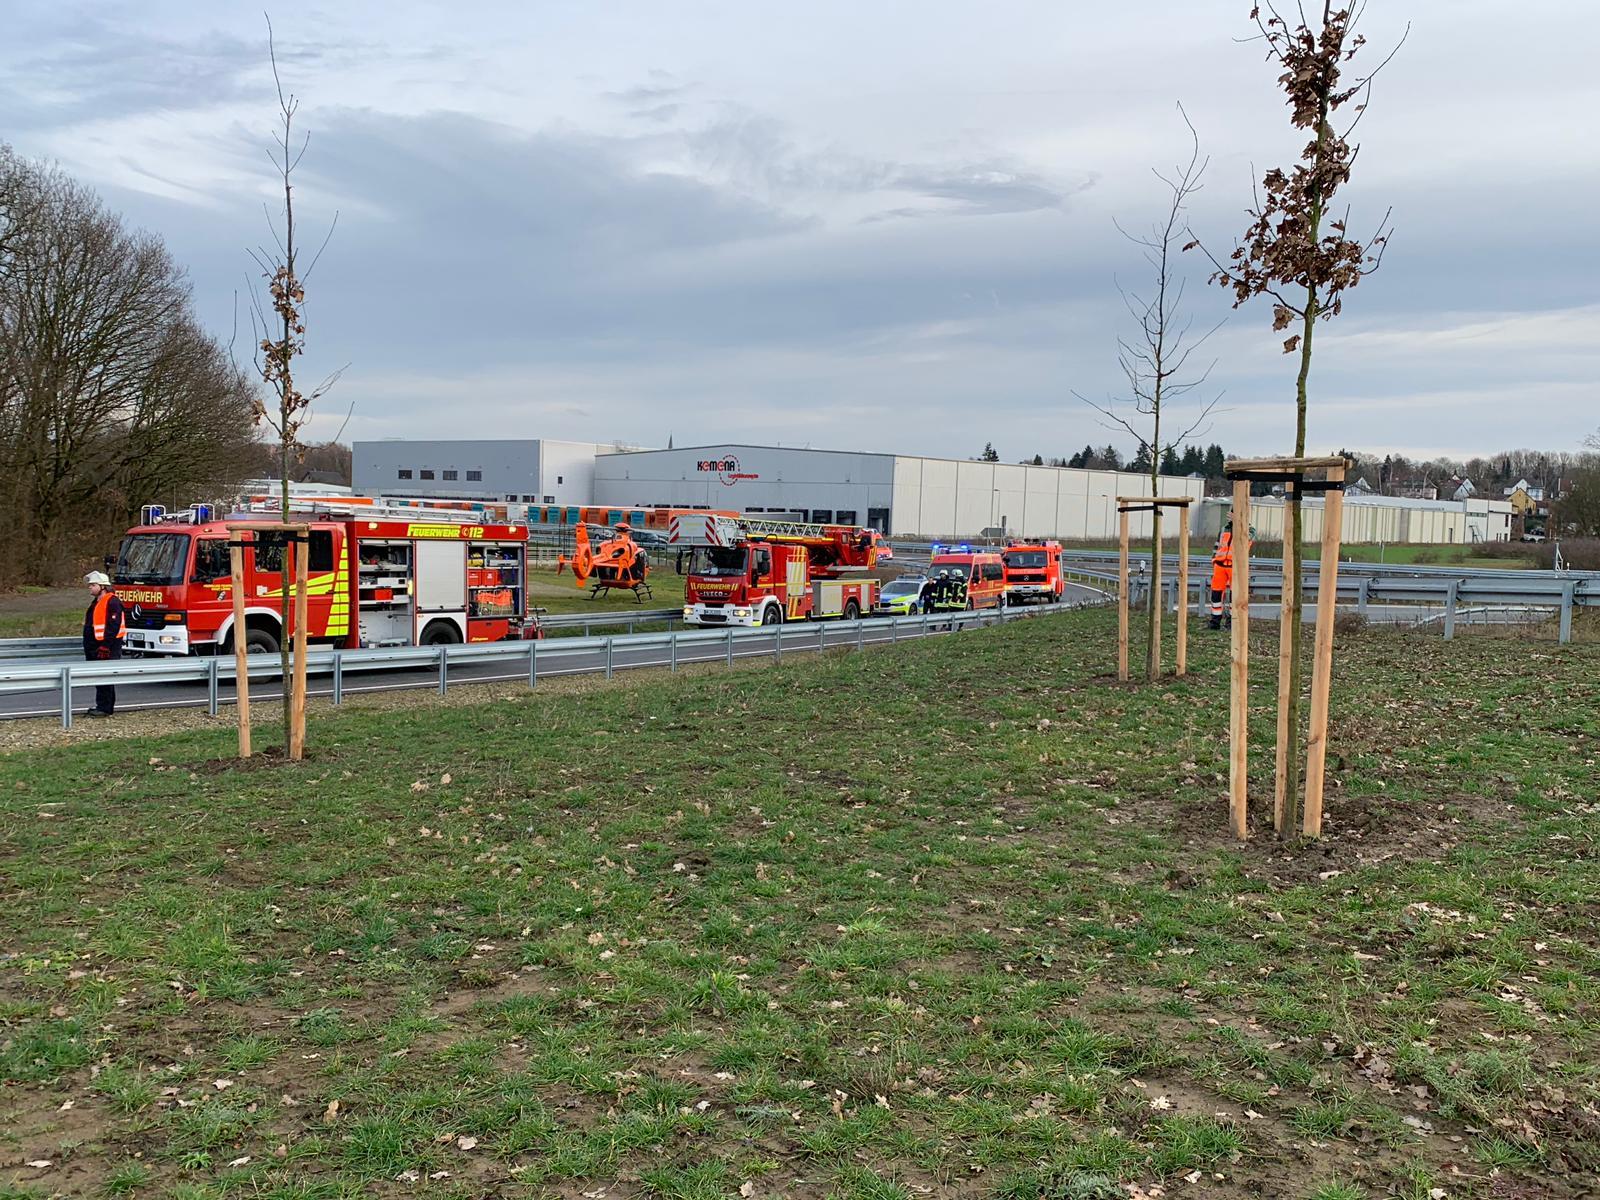 Feuerwehr_Loehne_BAB30_30_01_2020_3